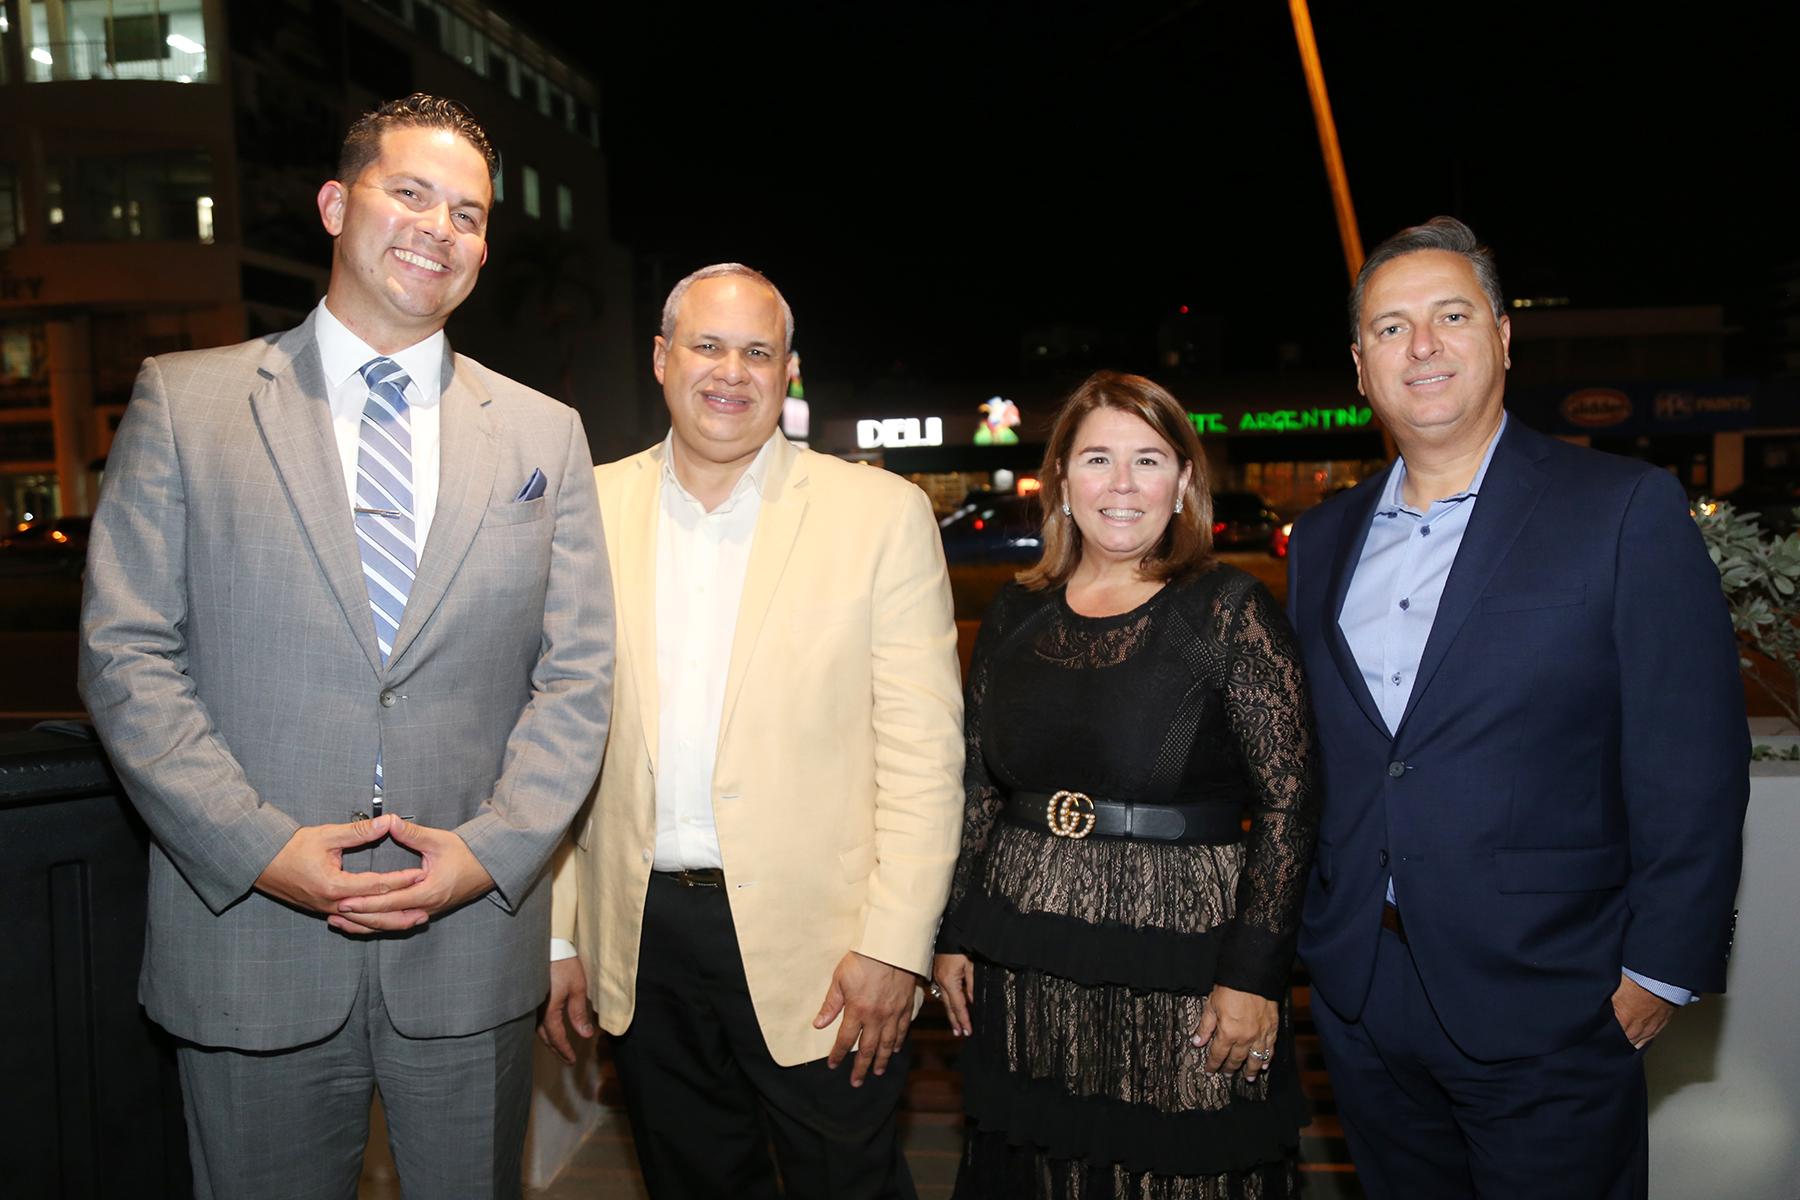 Jorge Berríos, Pedro Del Valle, Rosa Martínez y Astro Muñoz. (Foto: Nichole Saldarriaga)